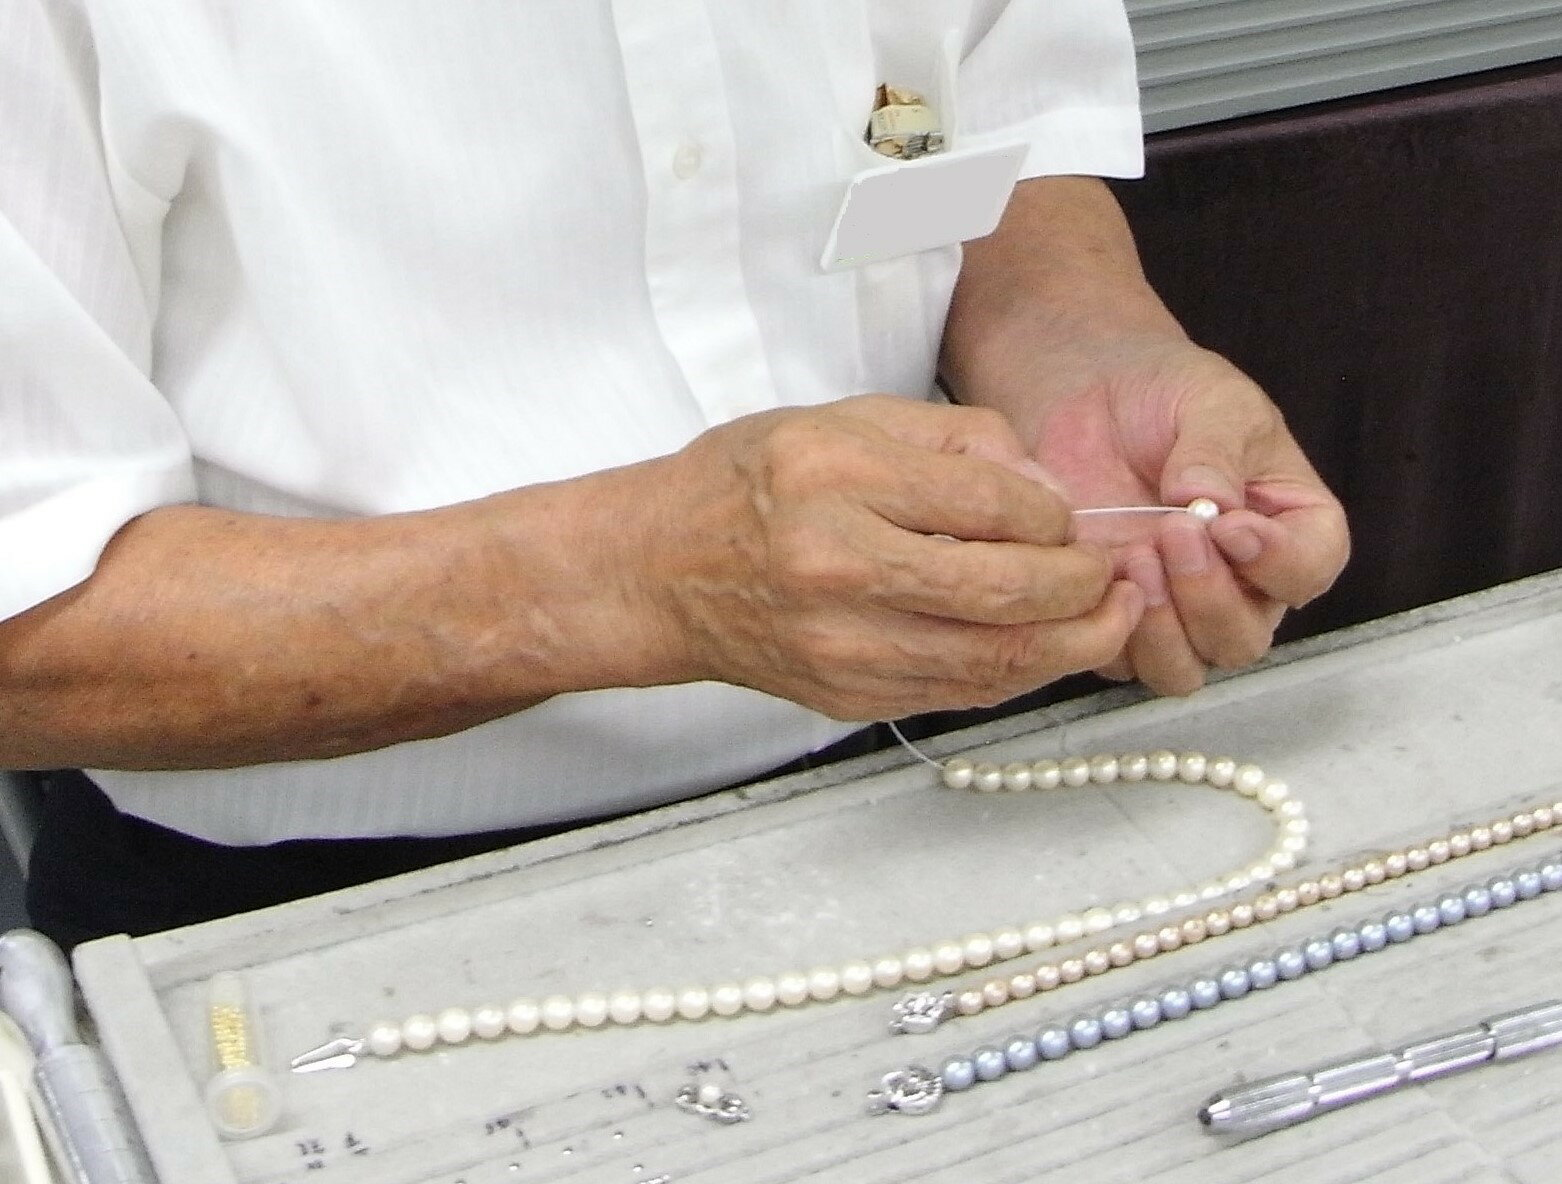 【最短即日発送】アメジストネックレス糸替え<一連ネックレス修理>天然石、パワーストーンの糸替え創業以来、糸替え2万本以上の実績!パール(真珠)・水晶・琥珀・その他の糸替えも承ります!